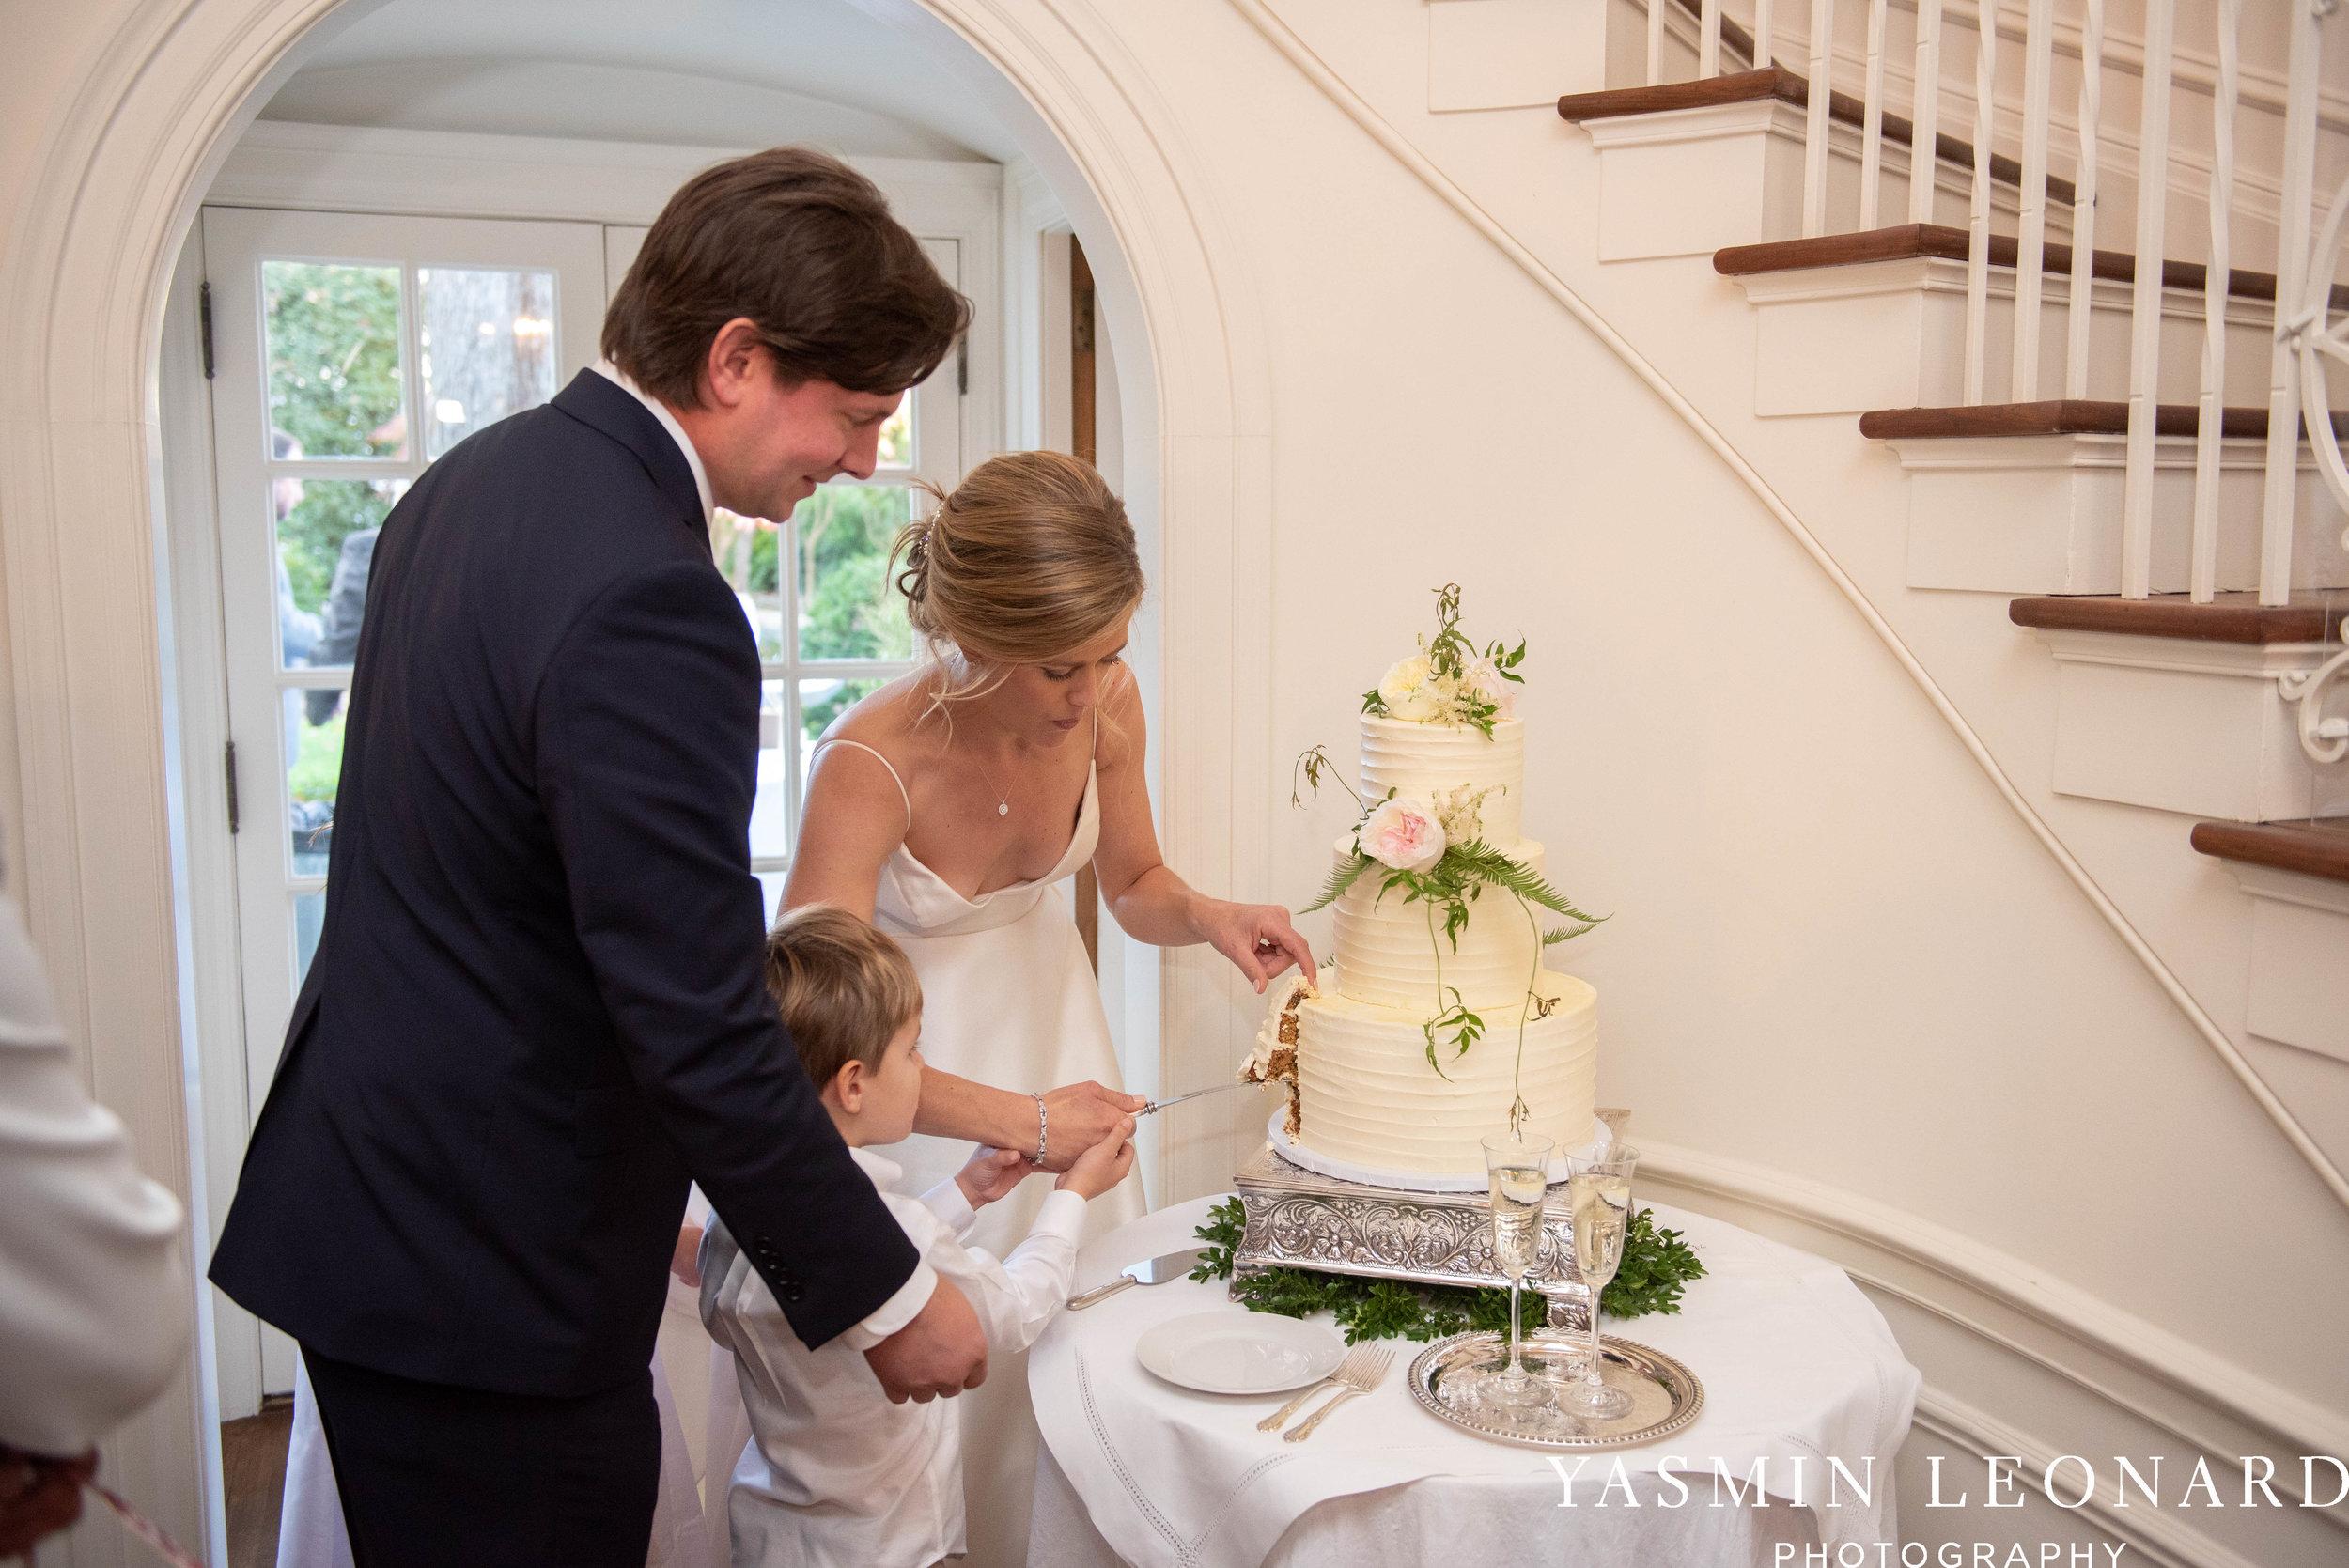 Wesley Memorial United Methodist Church - EmeryWood - High Point Weddings - High Point Wedding Photographer - NC Wedding Photographer - Yasmin Leonard Photography-64.jpg